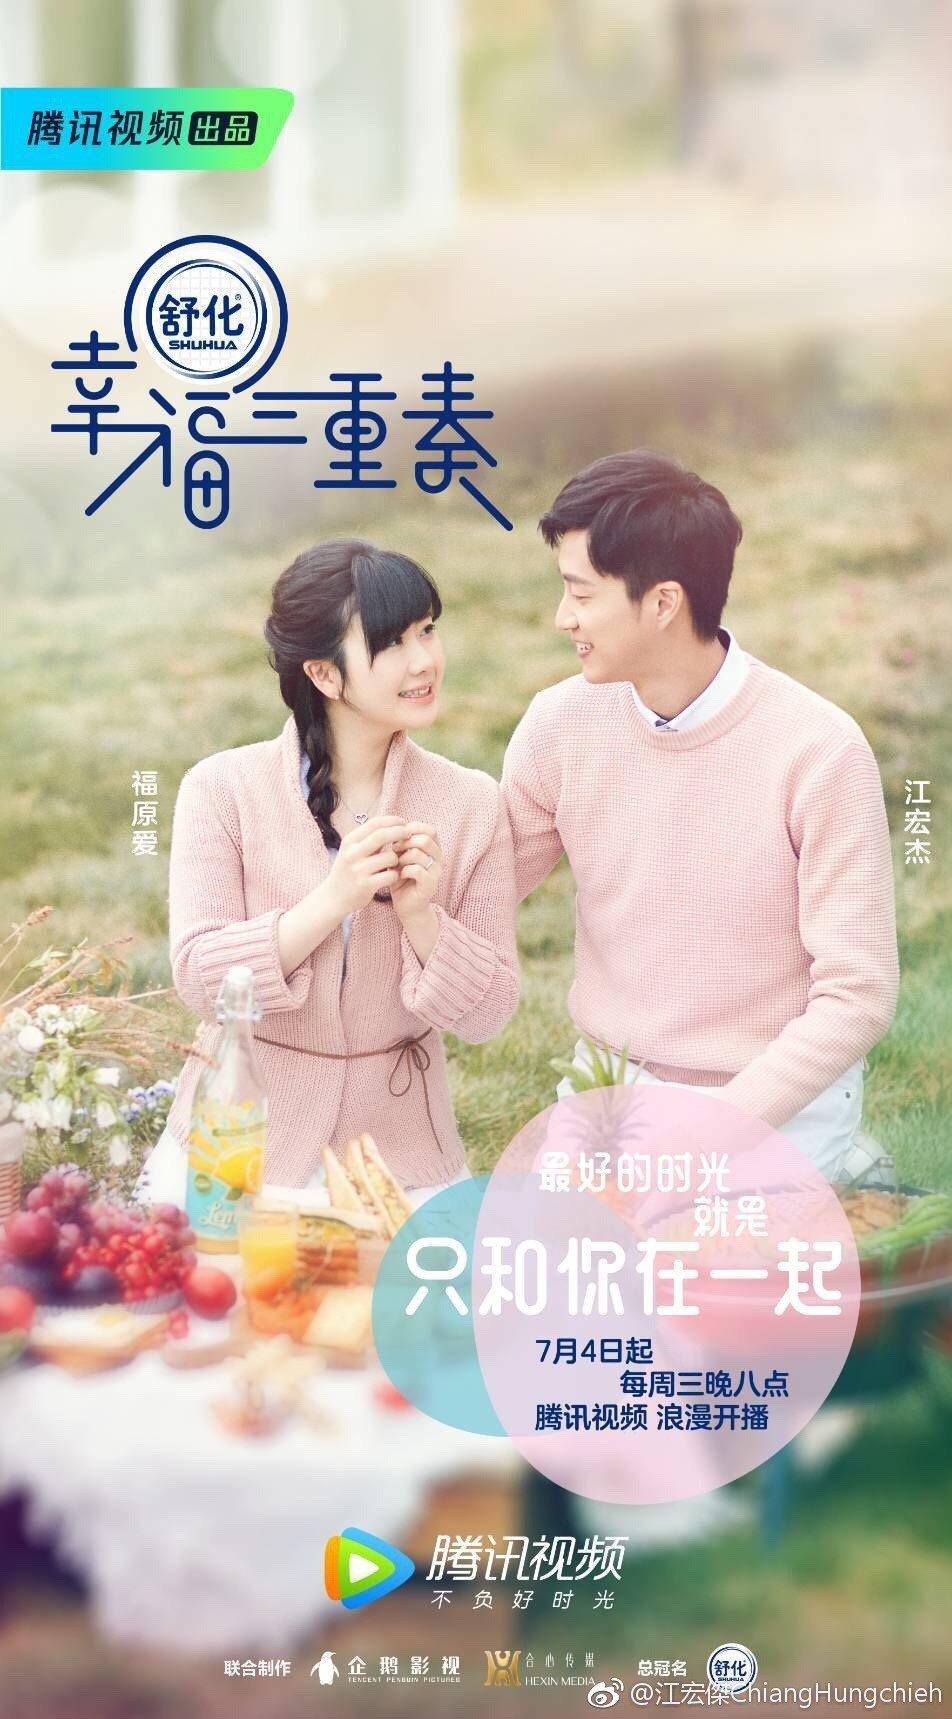 江宏傑(右)、福原愛夫婦檔首次錄製實境秀。圖/摘自幸福三重奏微博